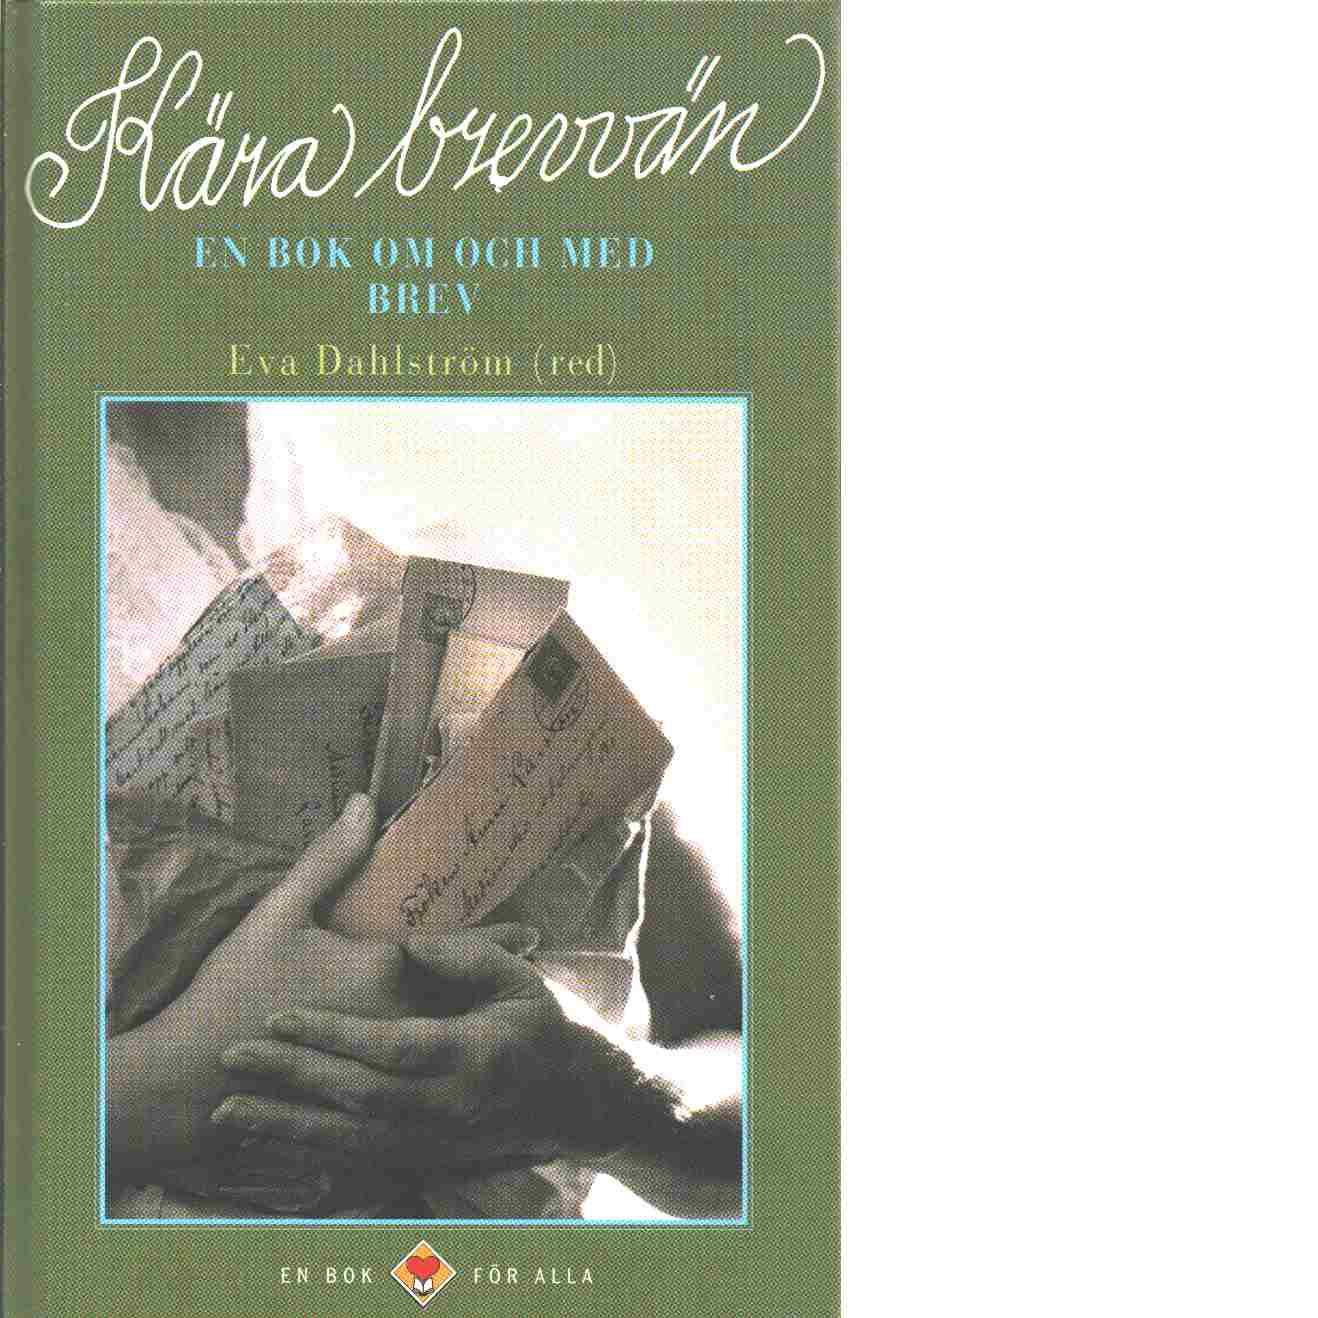 Kära brevvän : en bok om och med brev - Red. Dahlström, Eva